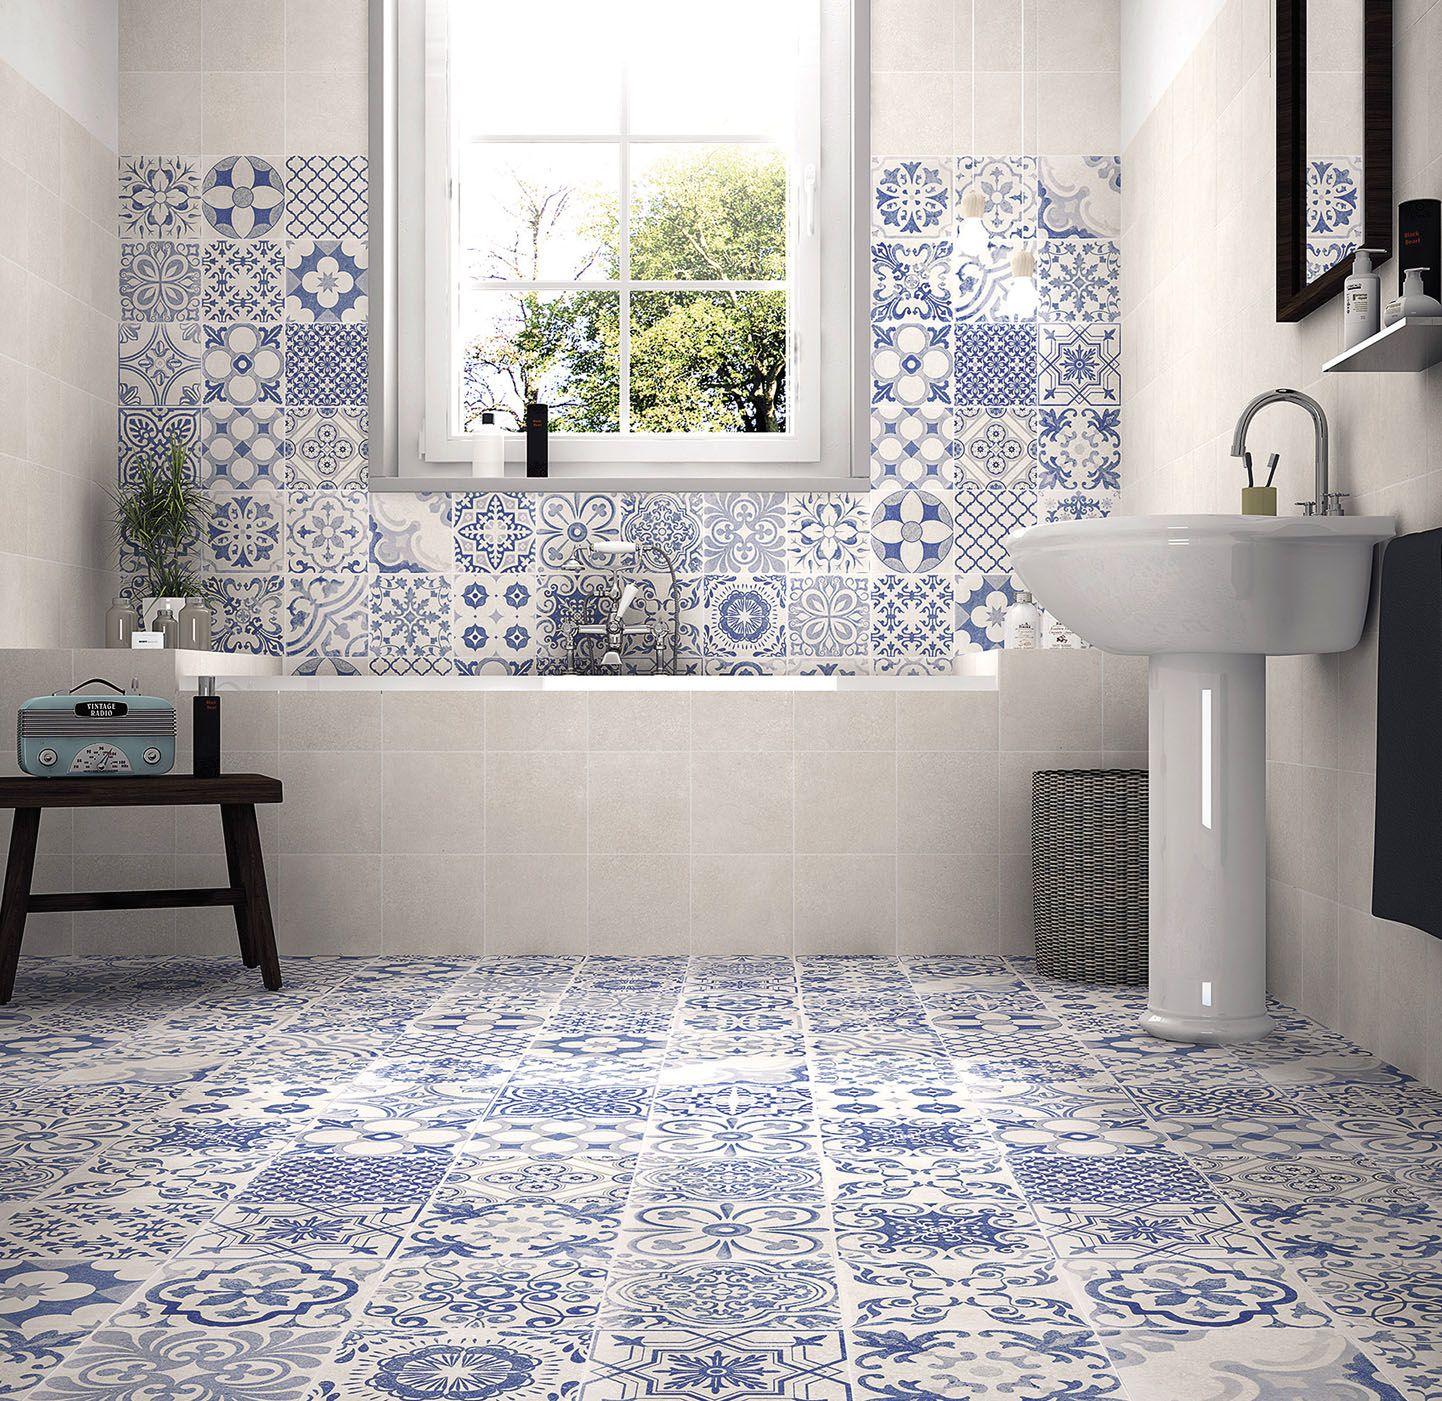 Bathroom Wall Aer: Bathroom, Bathroom Floor Tiles Och